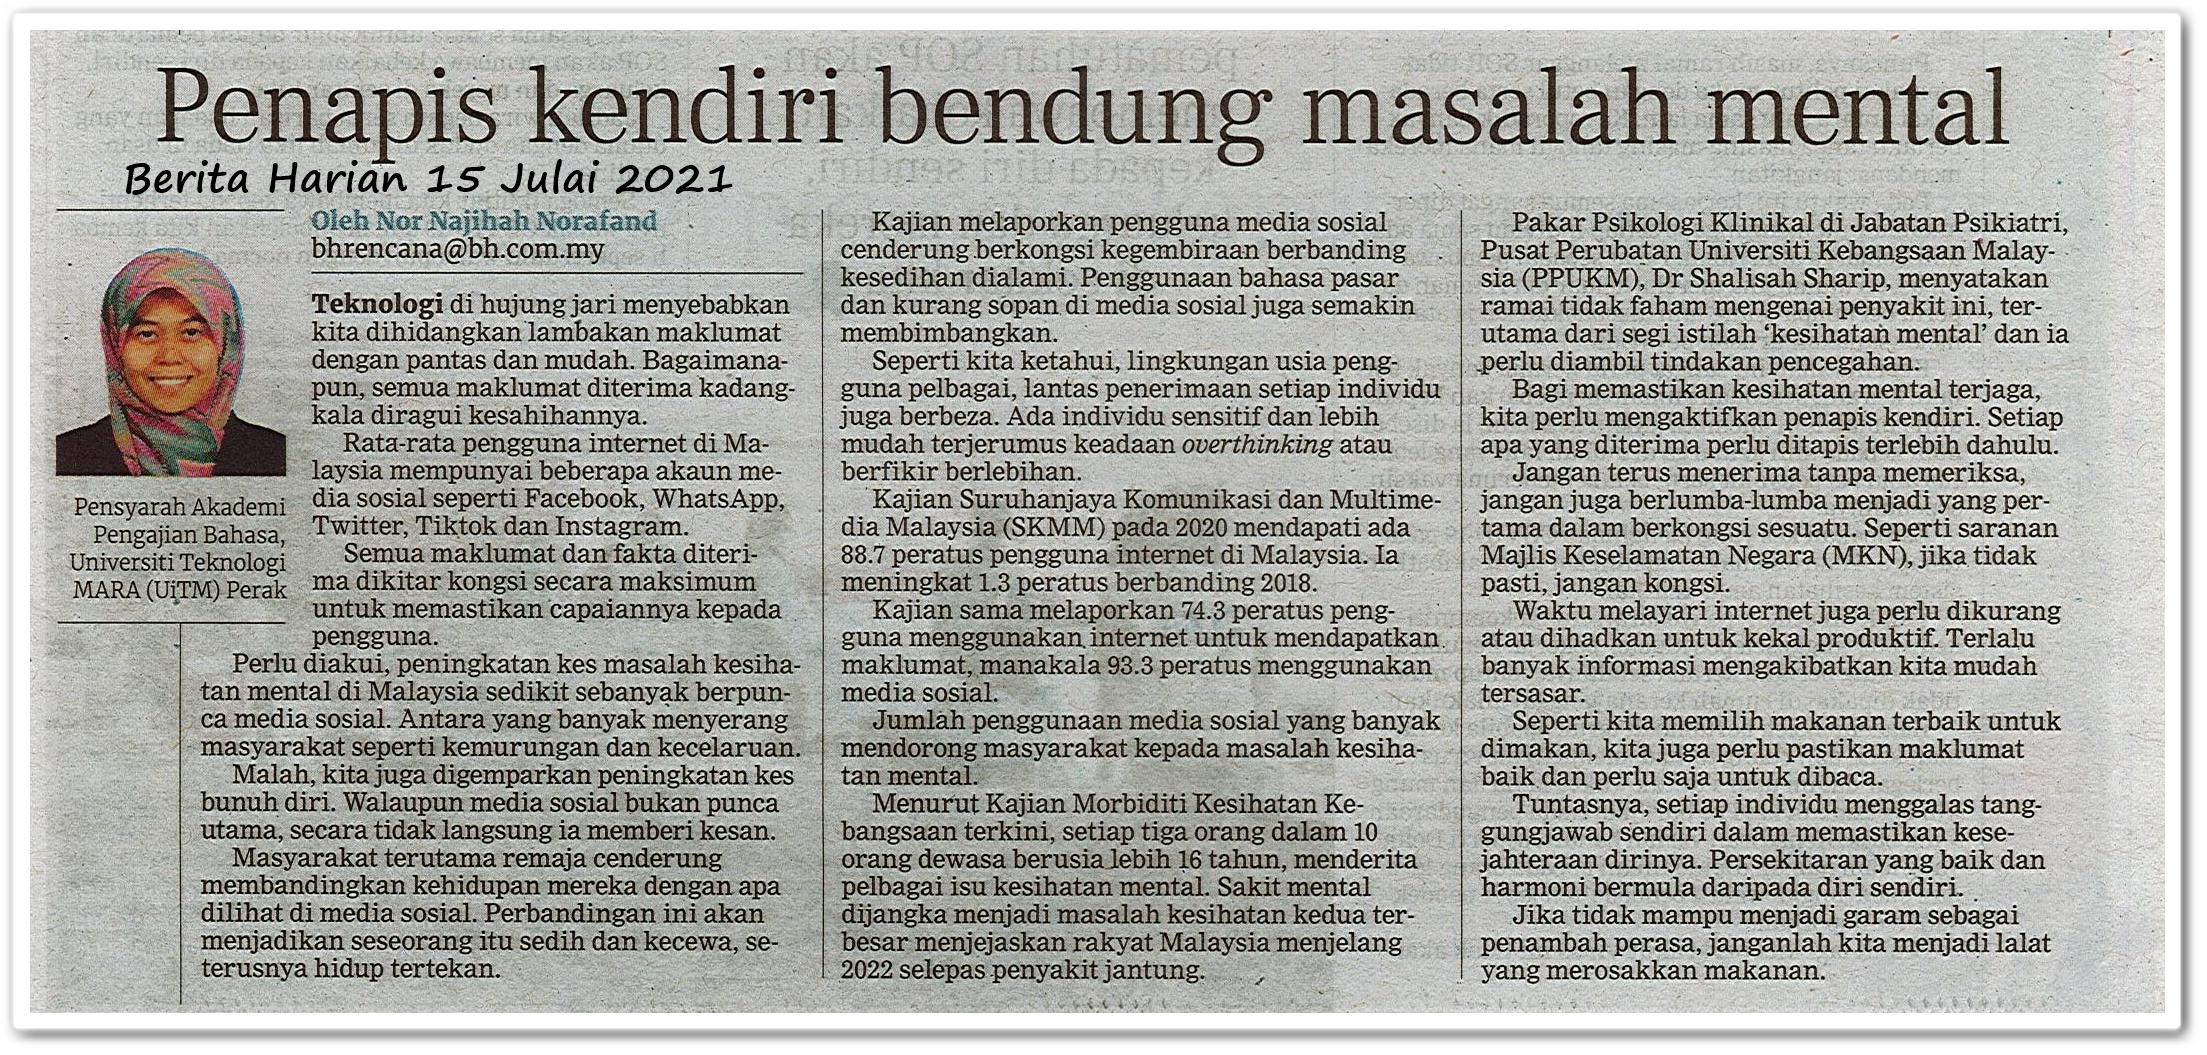 Penapis kendiri bendung masalah mental - Keratan akhbar Berita Harian 15 Julai 2021